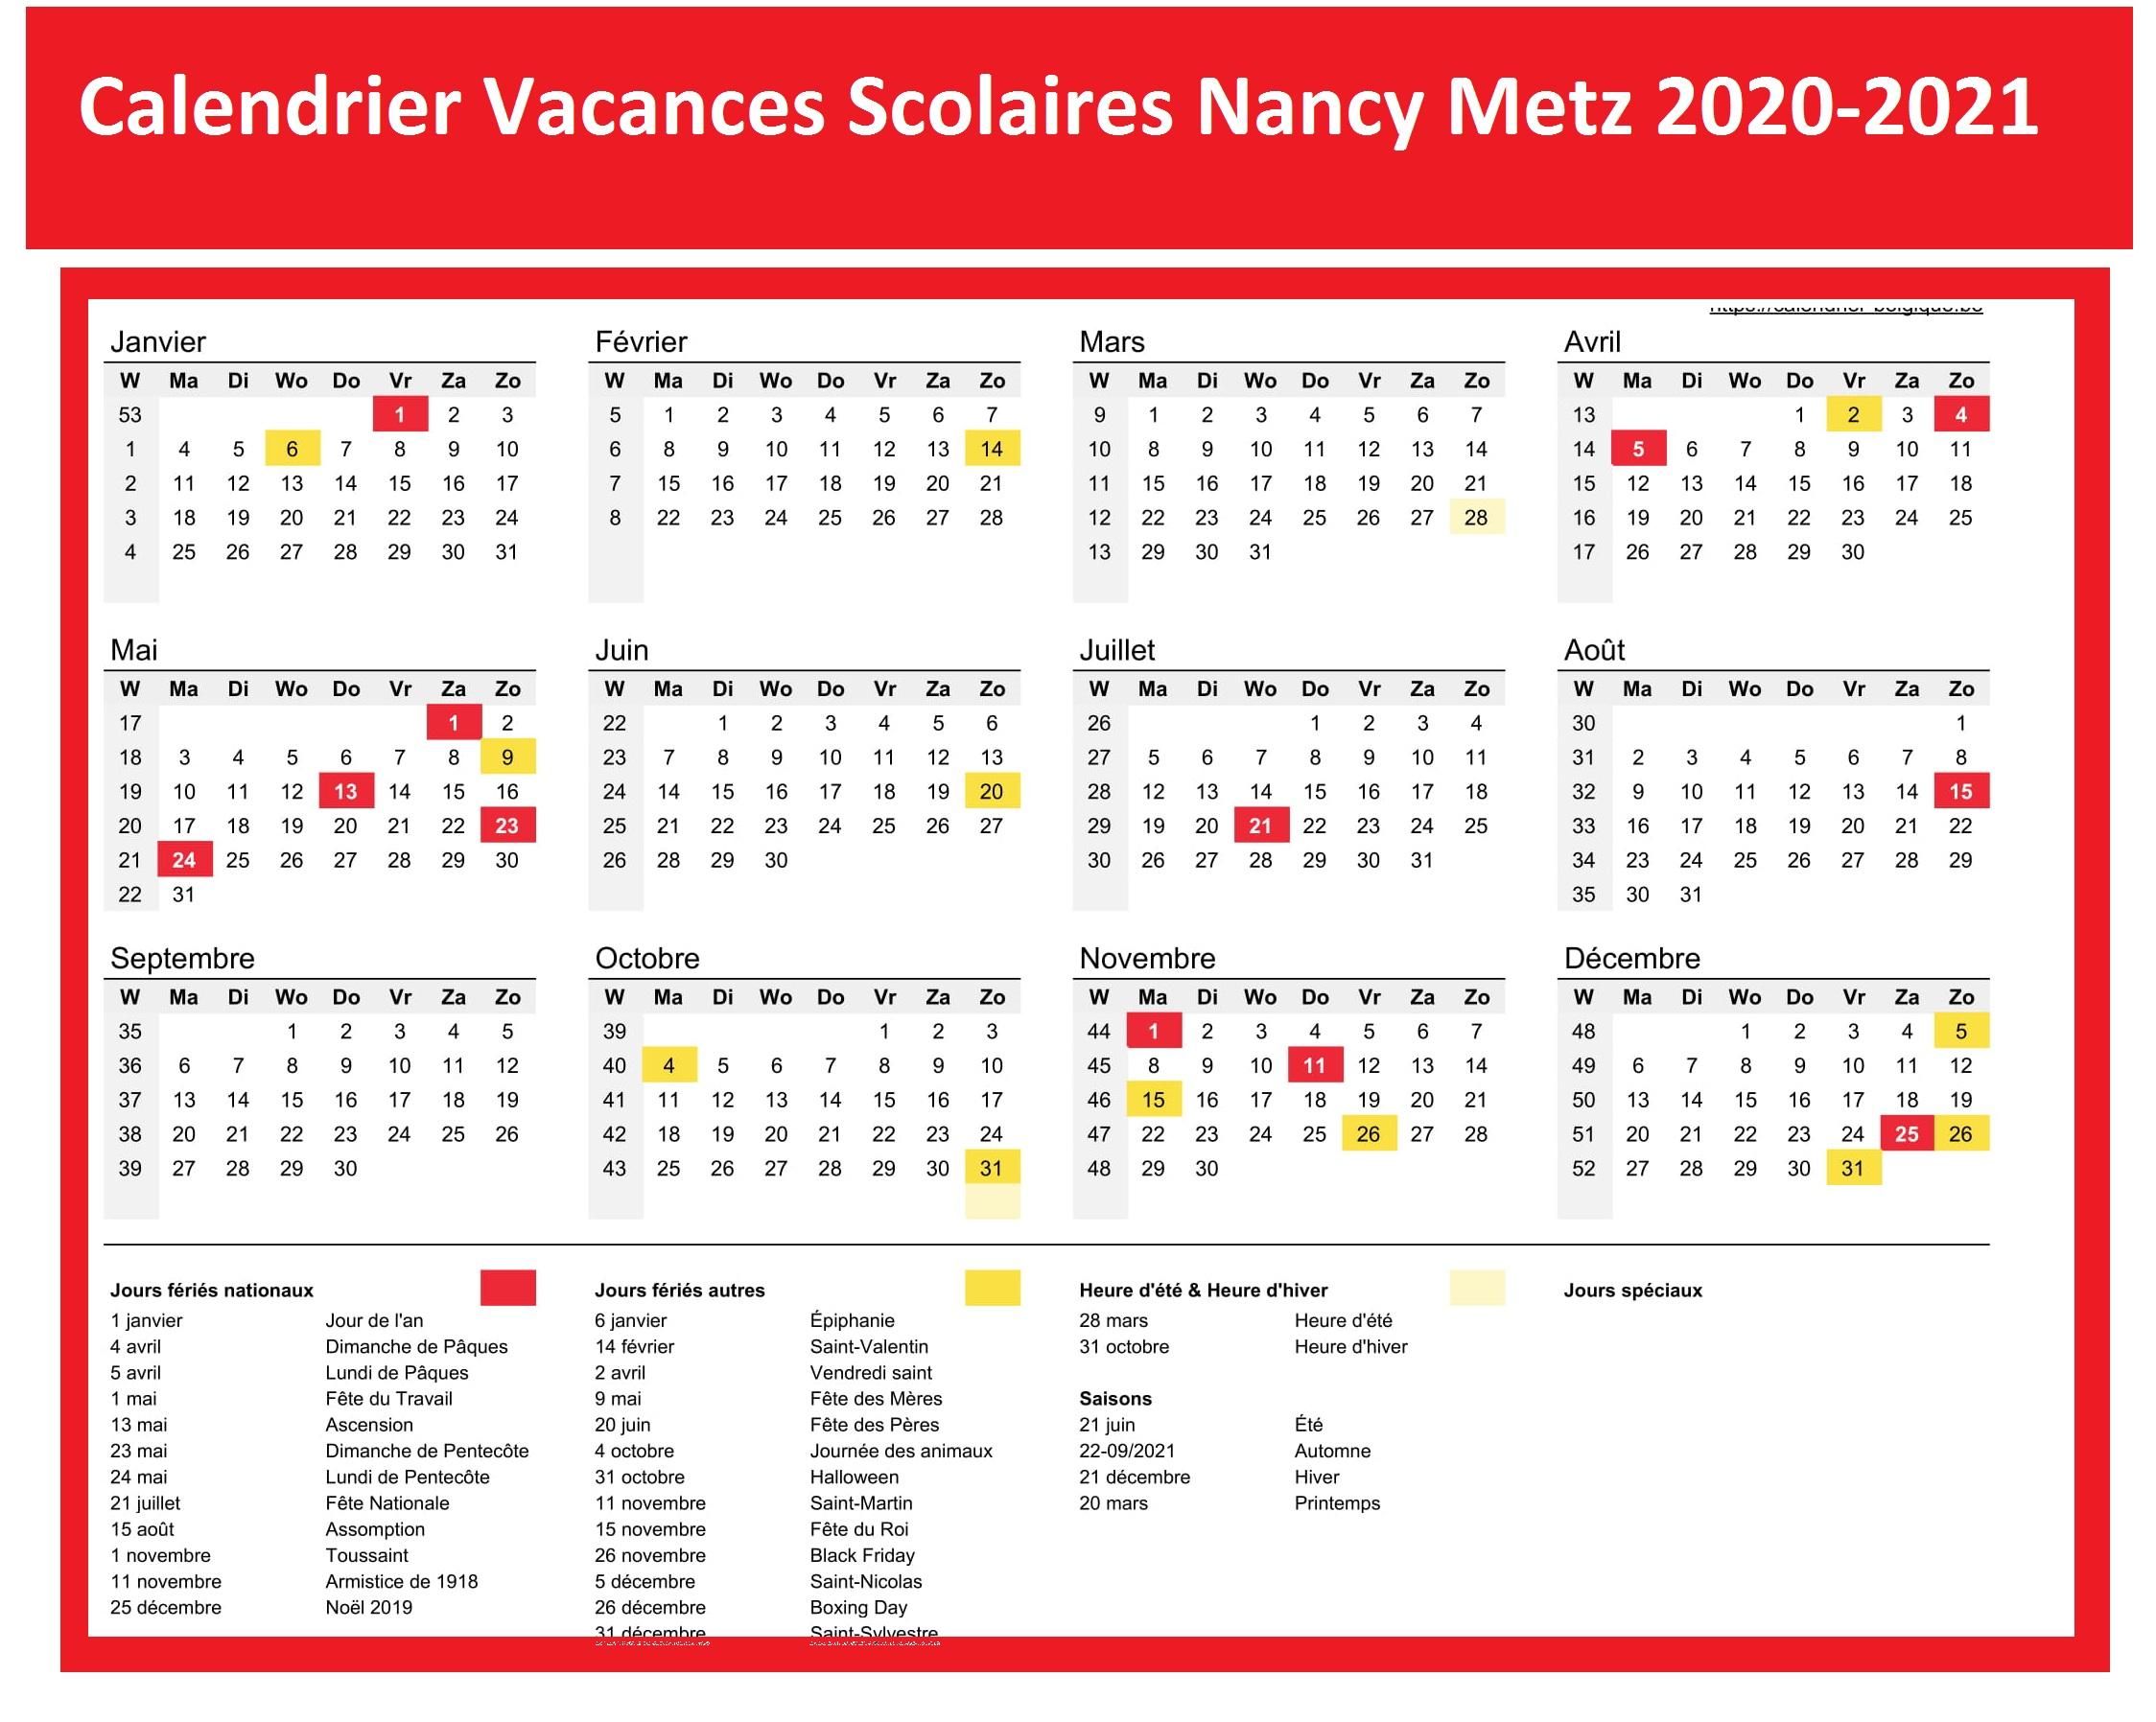 Dates Calendrier Vacances Scolaires Nancy Metz 2020